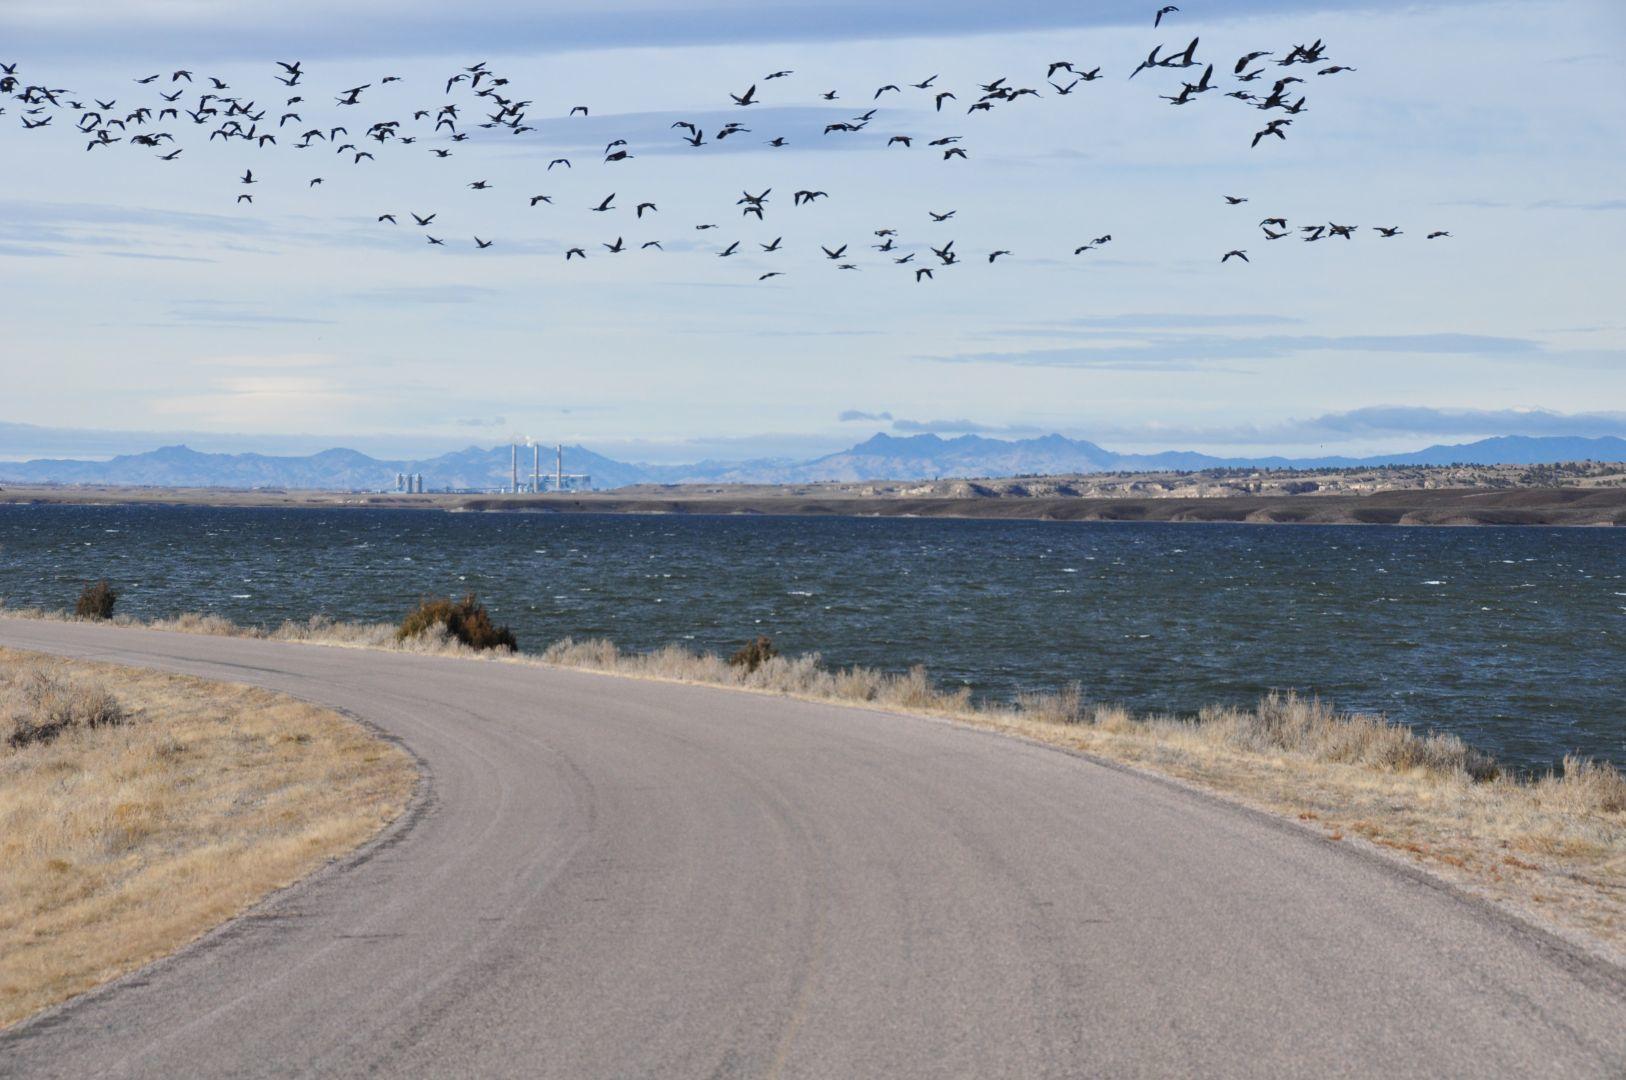 migrated birds